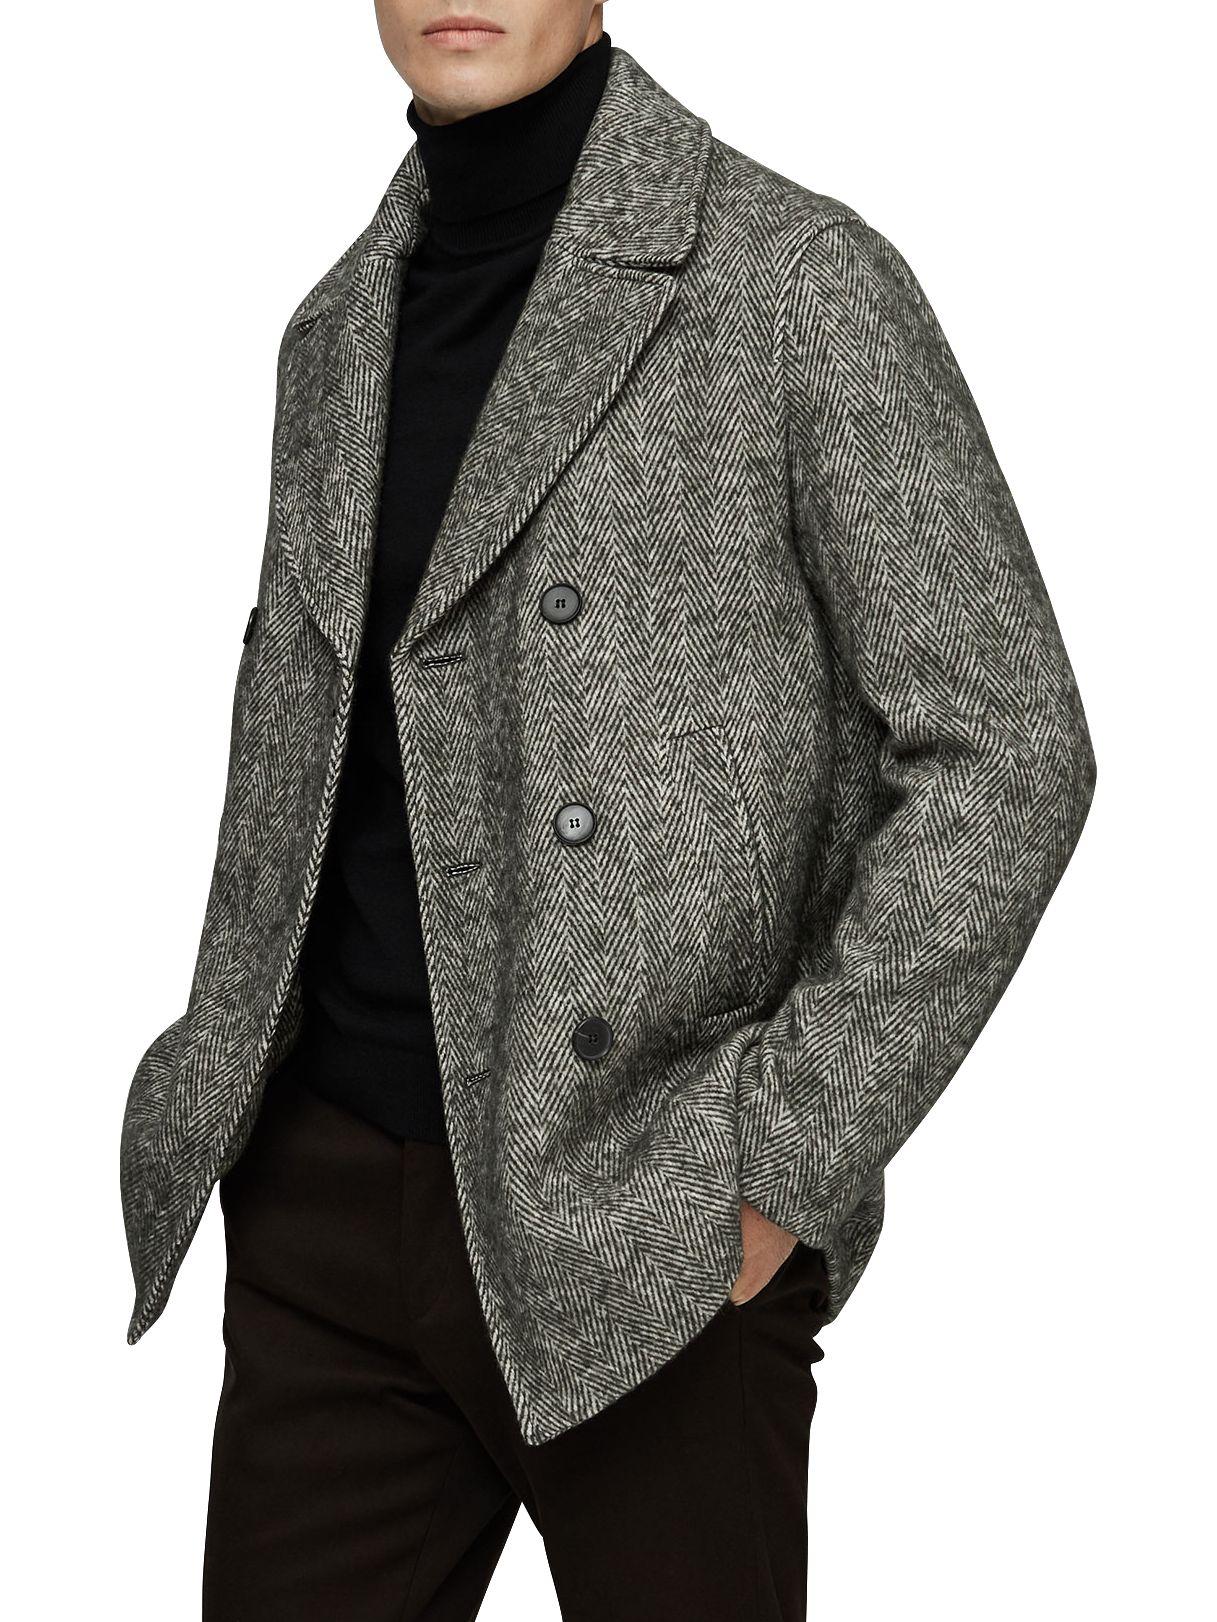 19ec703dfa9 Reiss Bogart Herringbone Pea Coat